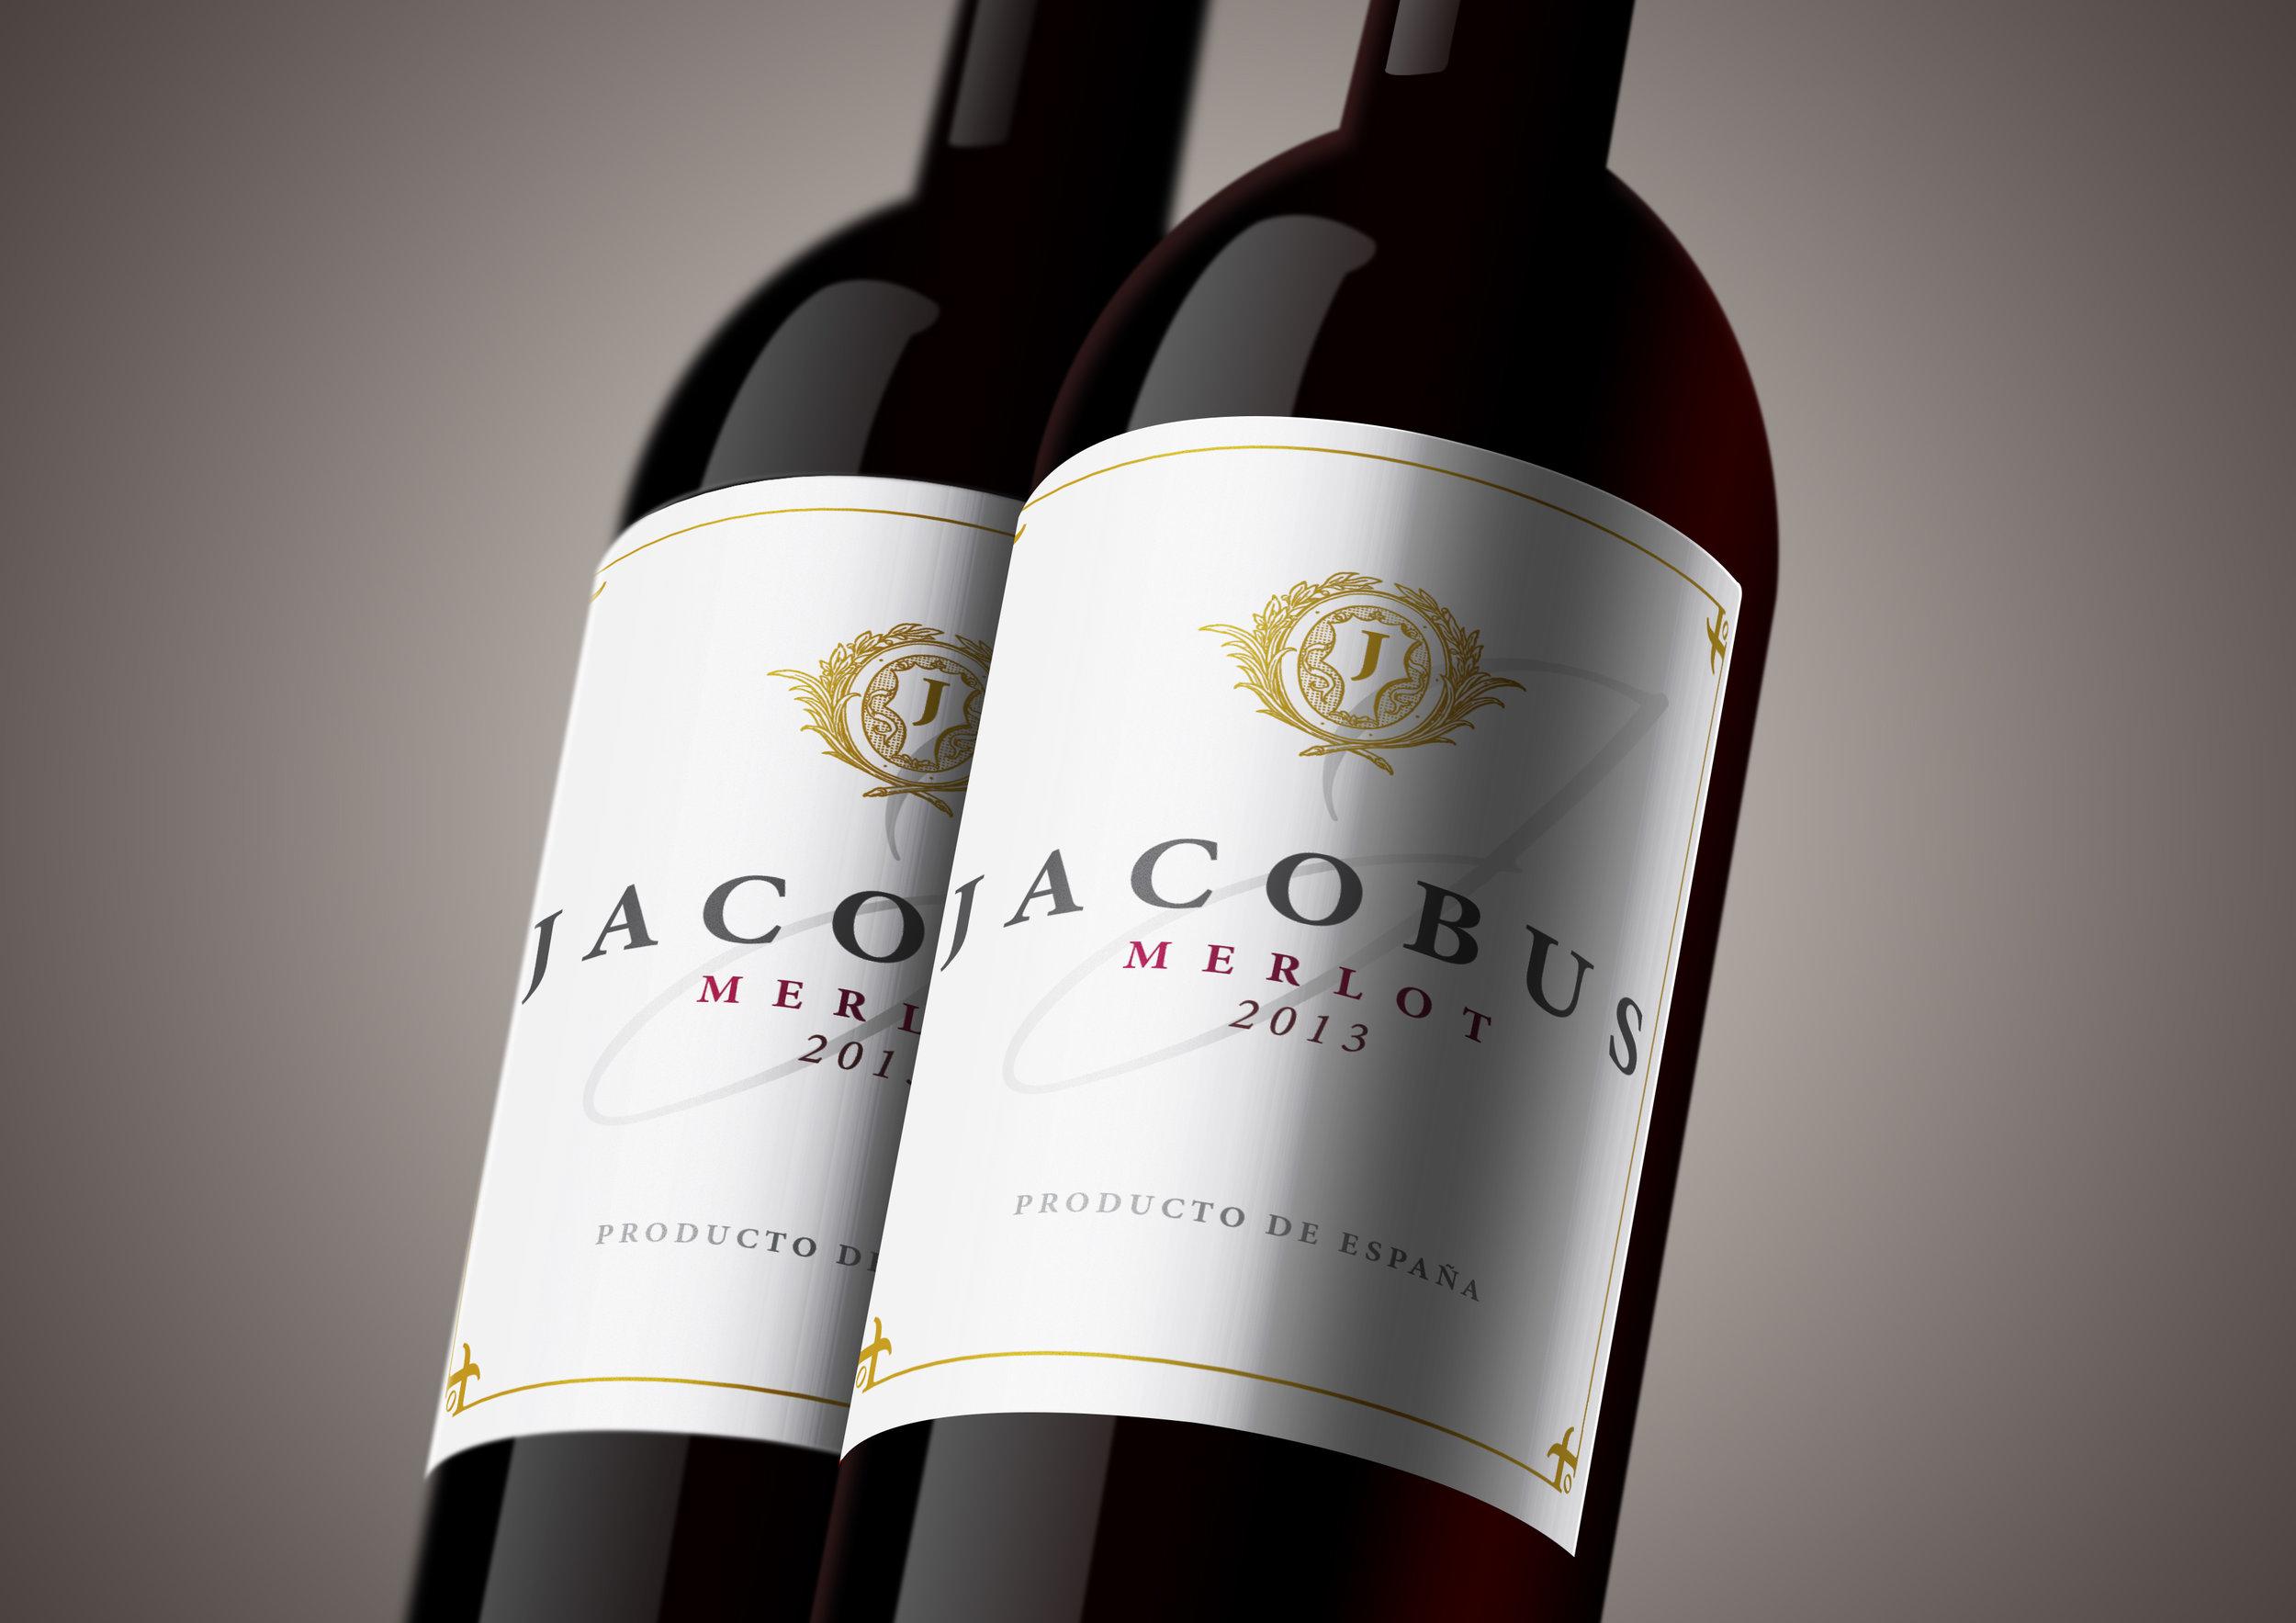 Jacobus 2 bottle shot.jpg